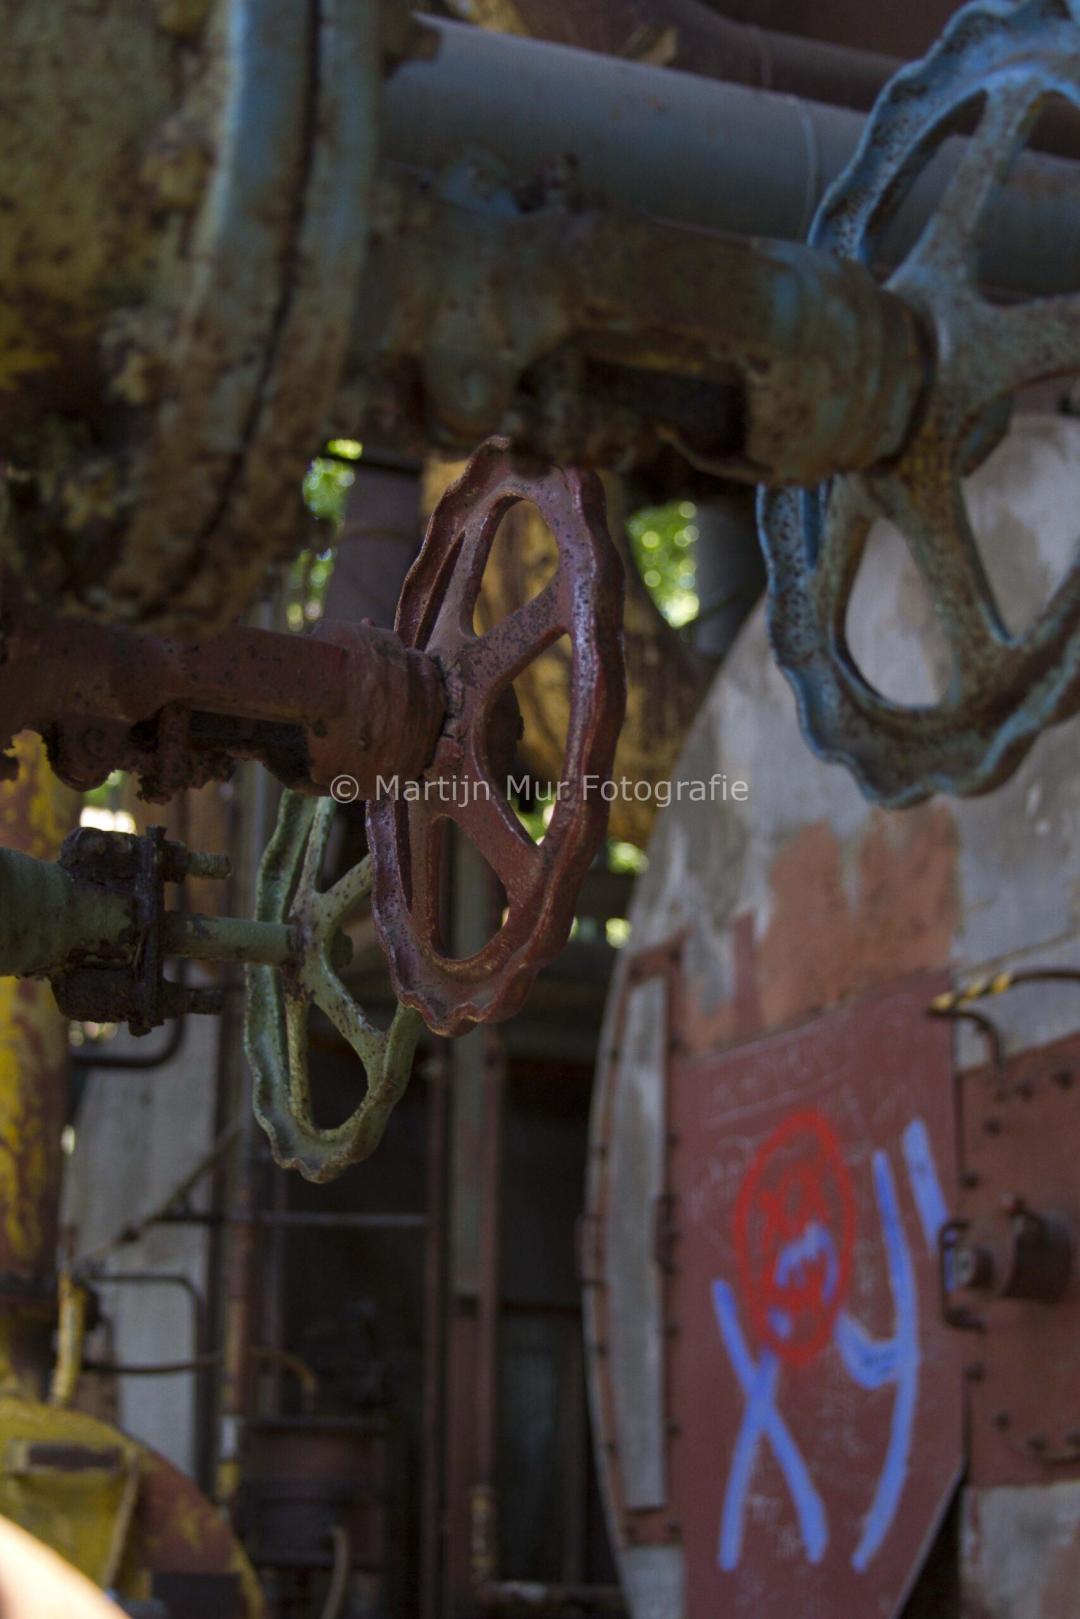 industriële fotografie, kranen en ketels, kleurrijke kunst